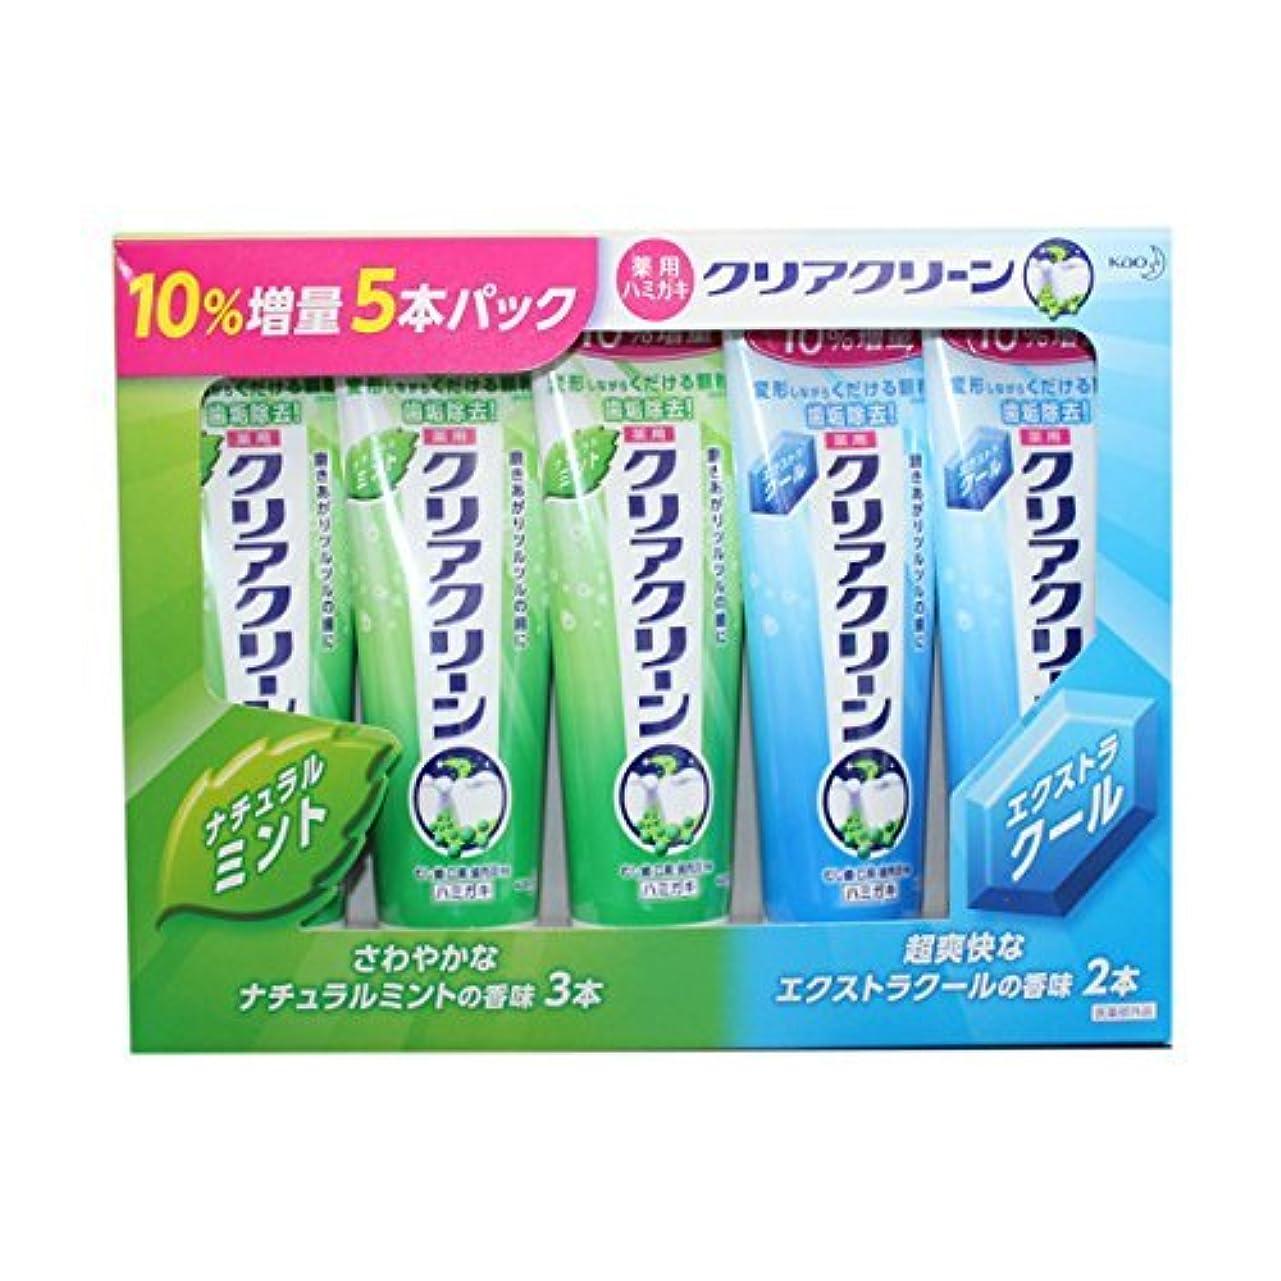 適用する最小応用クリアクリーン 143gx5本セット(ナチュラルミントx3/エクストラクールx2) 10%増量セット 歯磨き粉